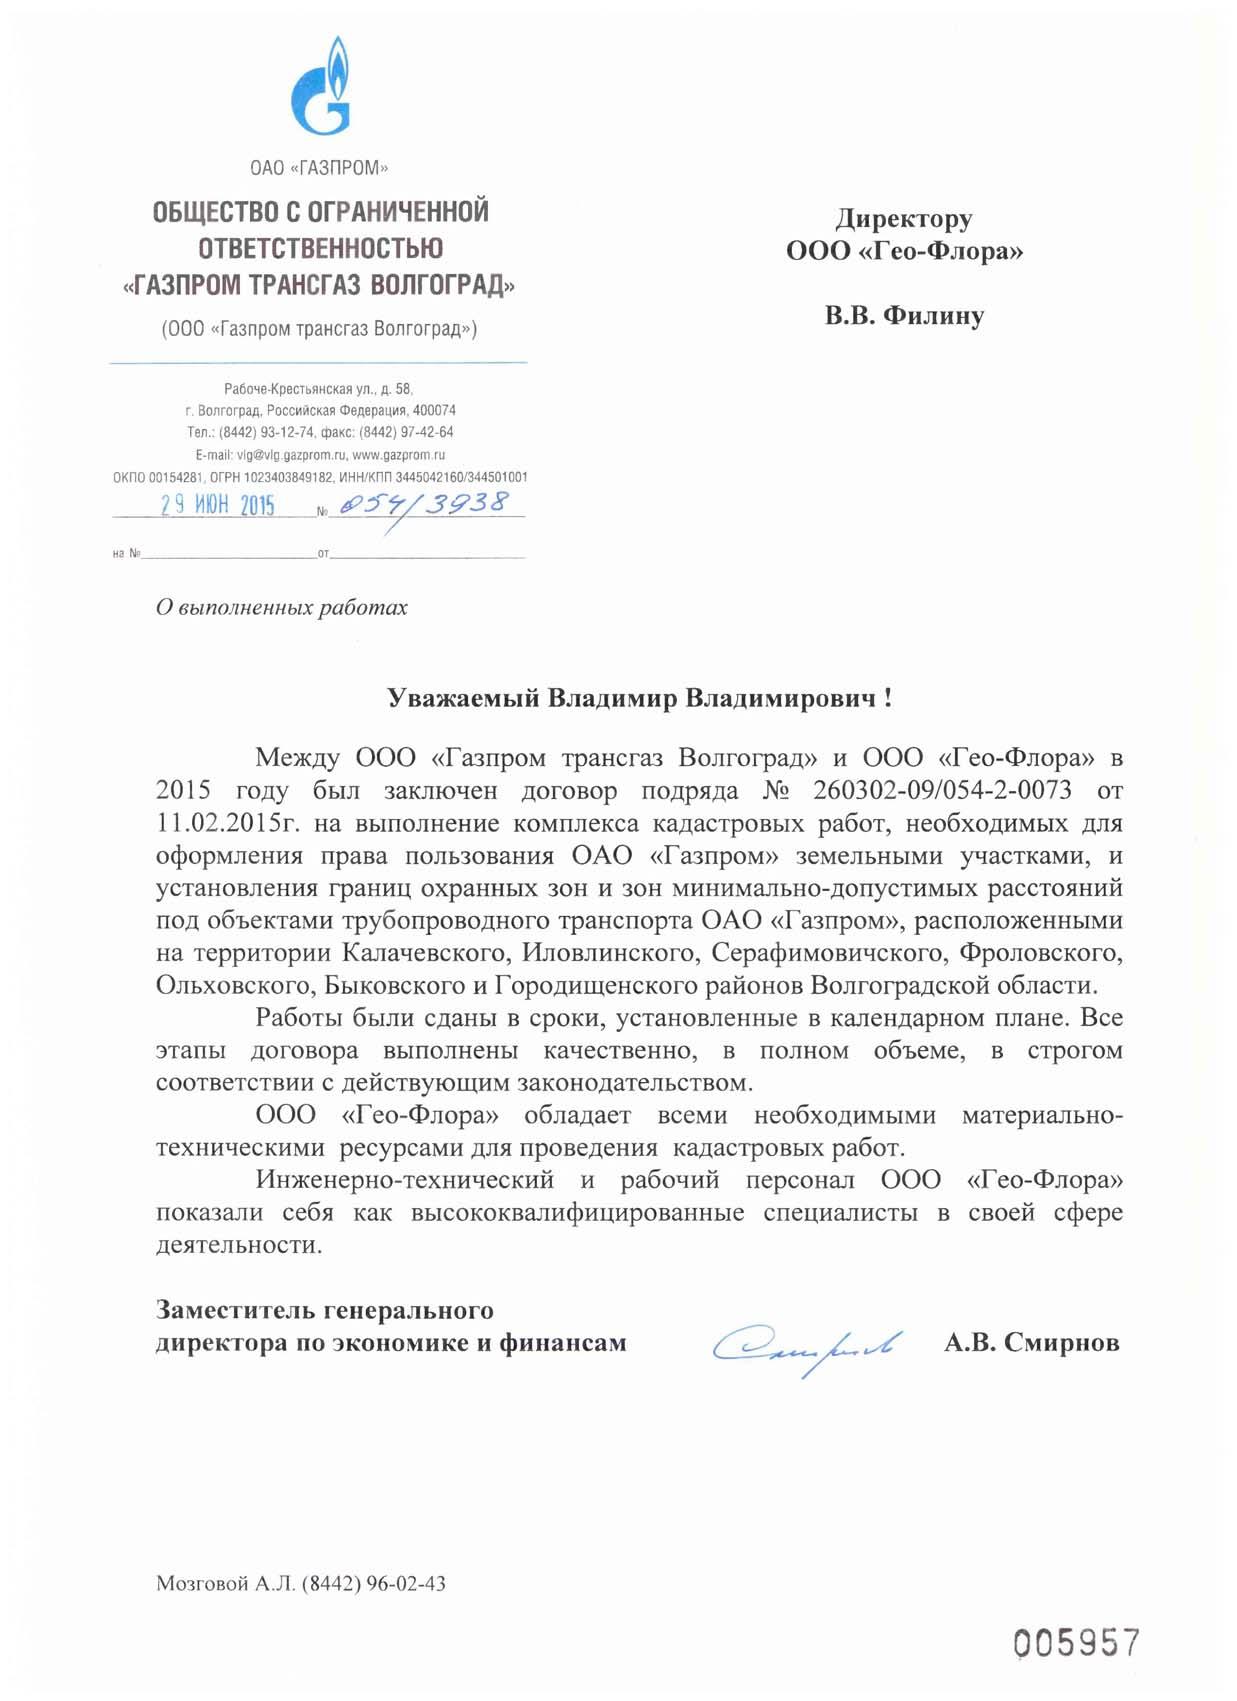 №260302-09054-2-0073 Газпром ТГВолгоград